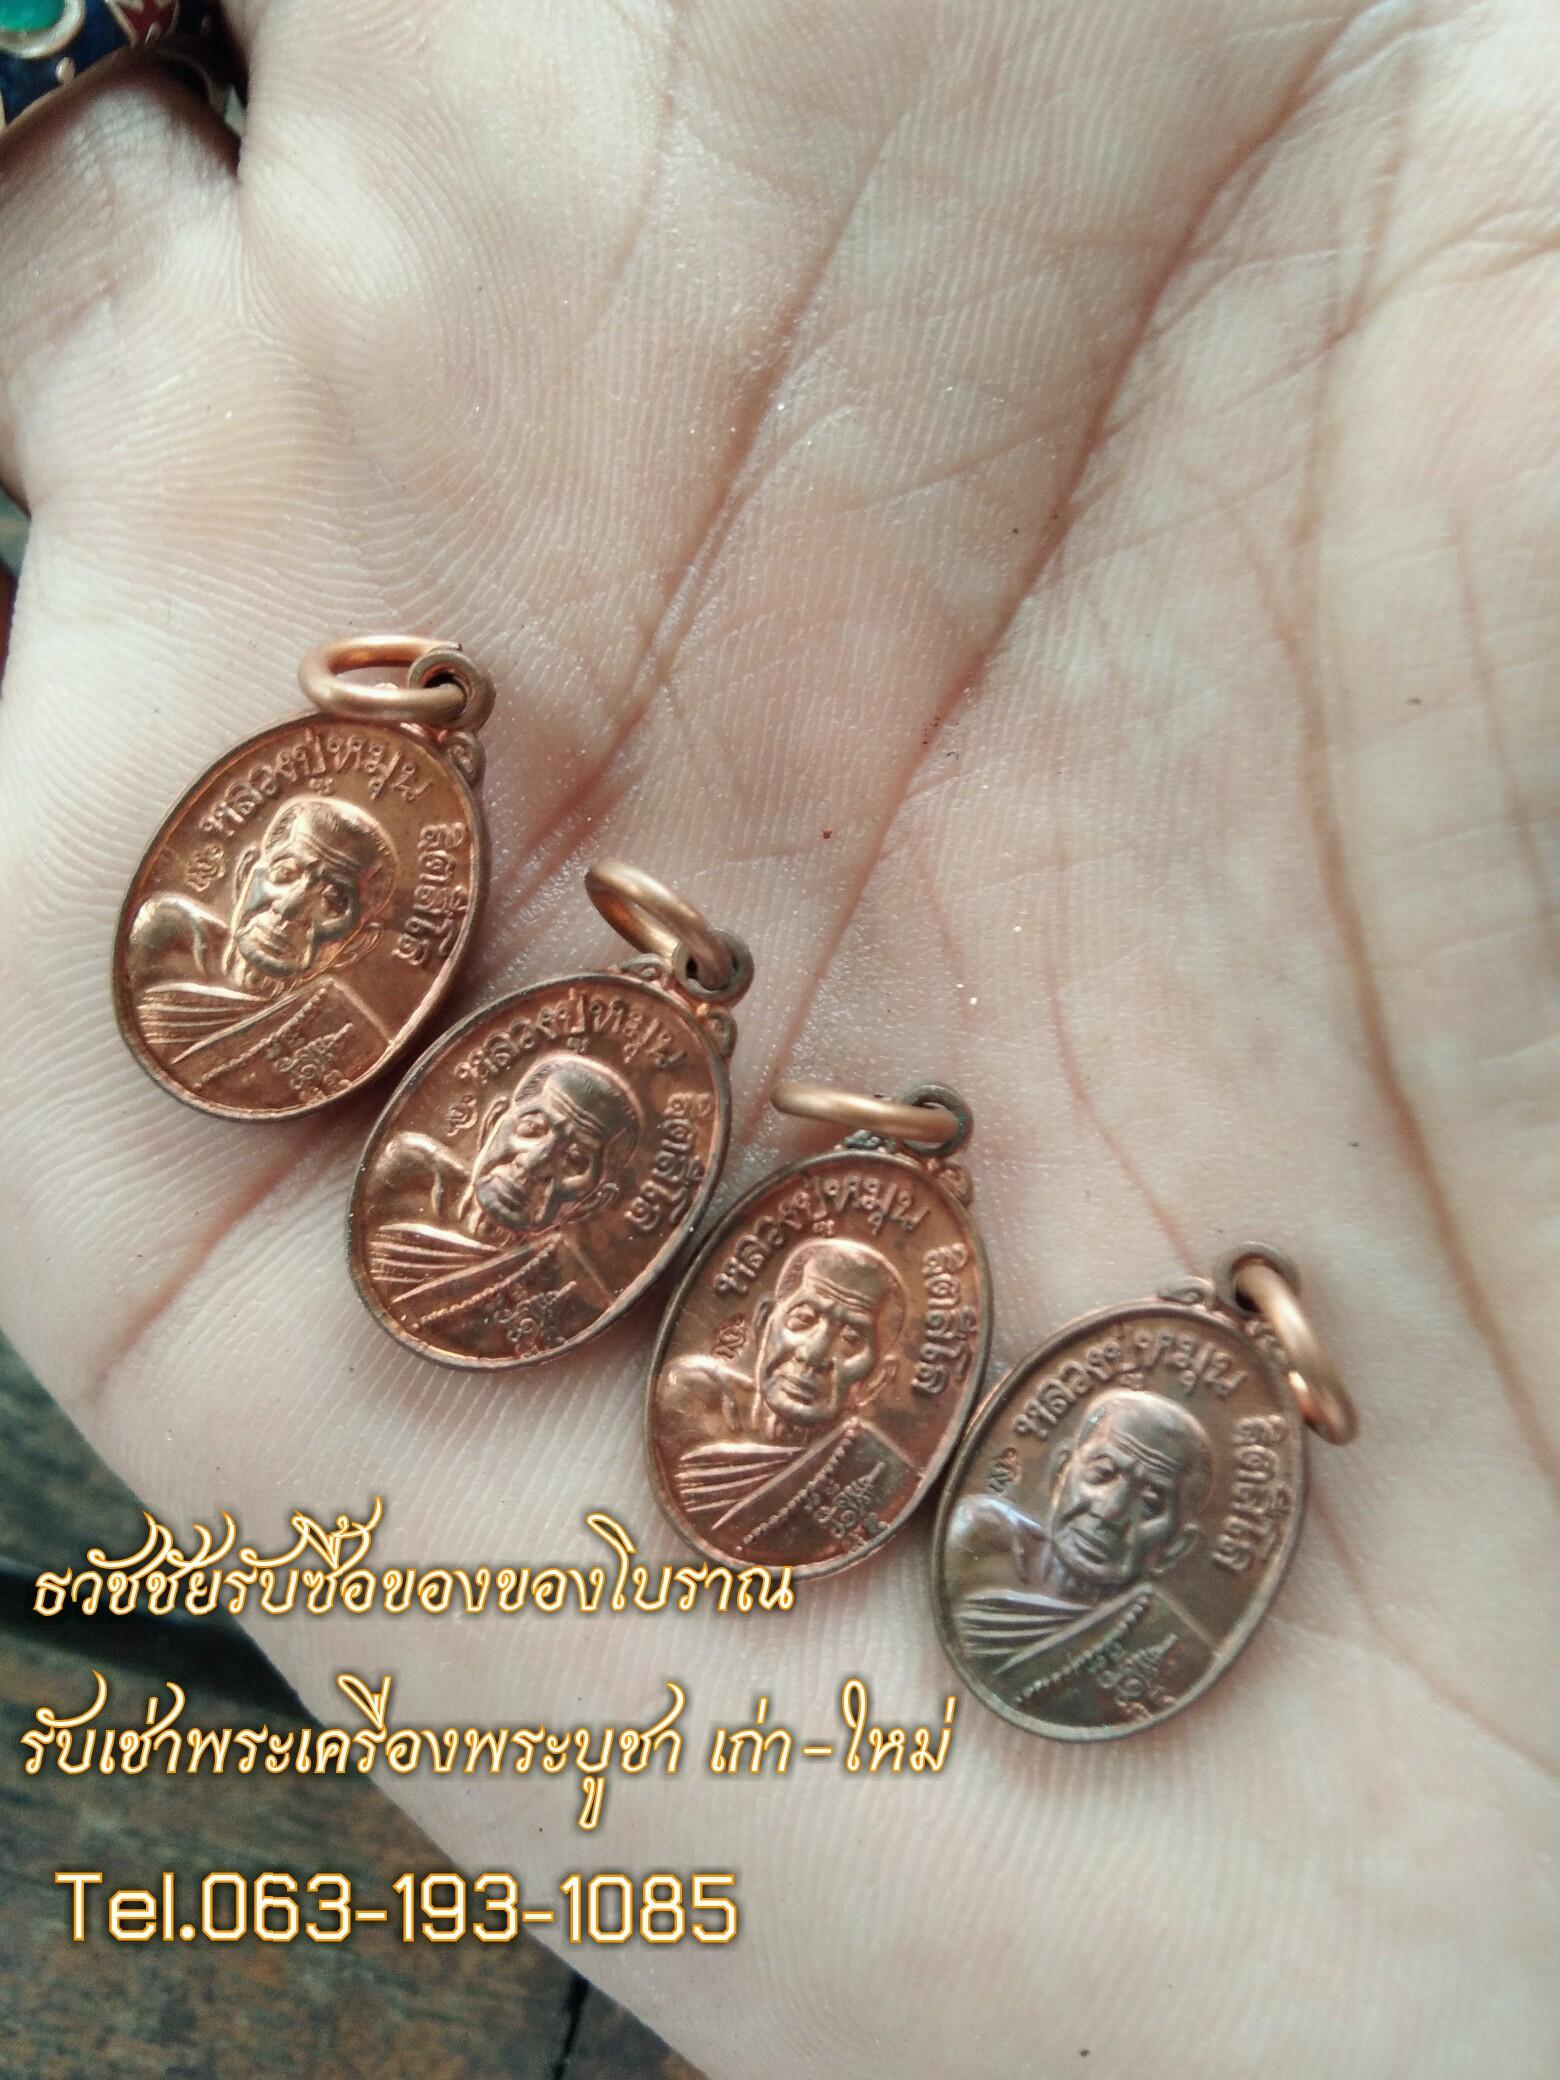 รับเช่าพระกรุงเทพฯ รับเช่าพระเขตธนบุรี รับเช่าพระเขตพระนคร รับเช่าพระเขตพุทธมณฑล รับเช่าพระสะพานสูง รับเช่าพระเขตบางกะปิ รับเช่าพระเขตคลองเตย รับเช่าพระเขตดอนเมือง รับเช่าพระเขตสวนหลวง รับเช่าพระเขตสุขุมวิท